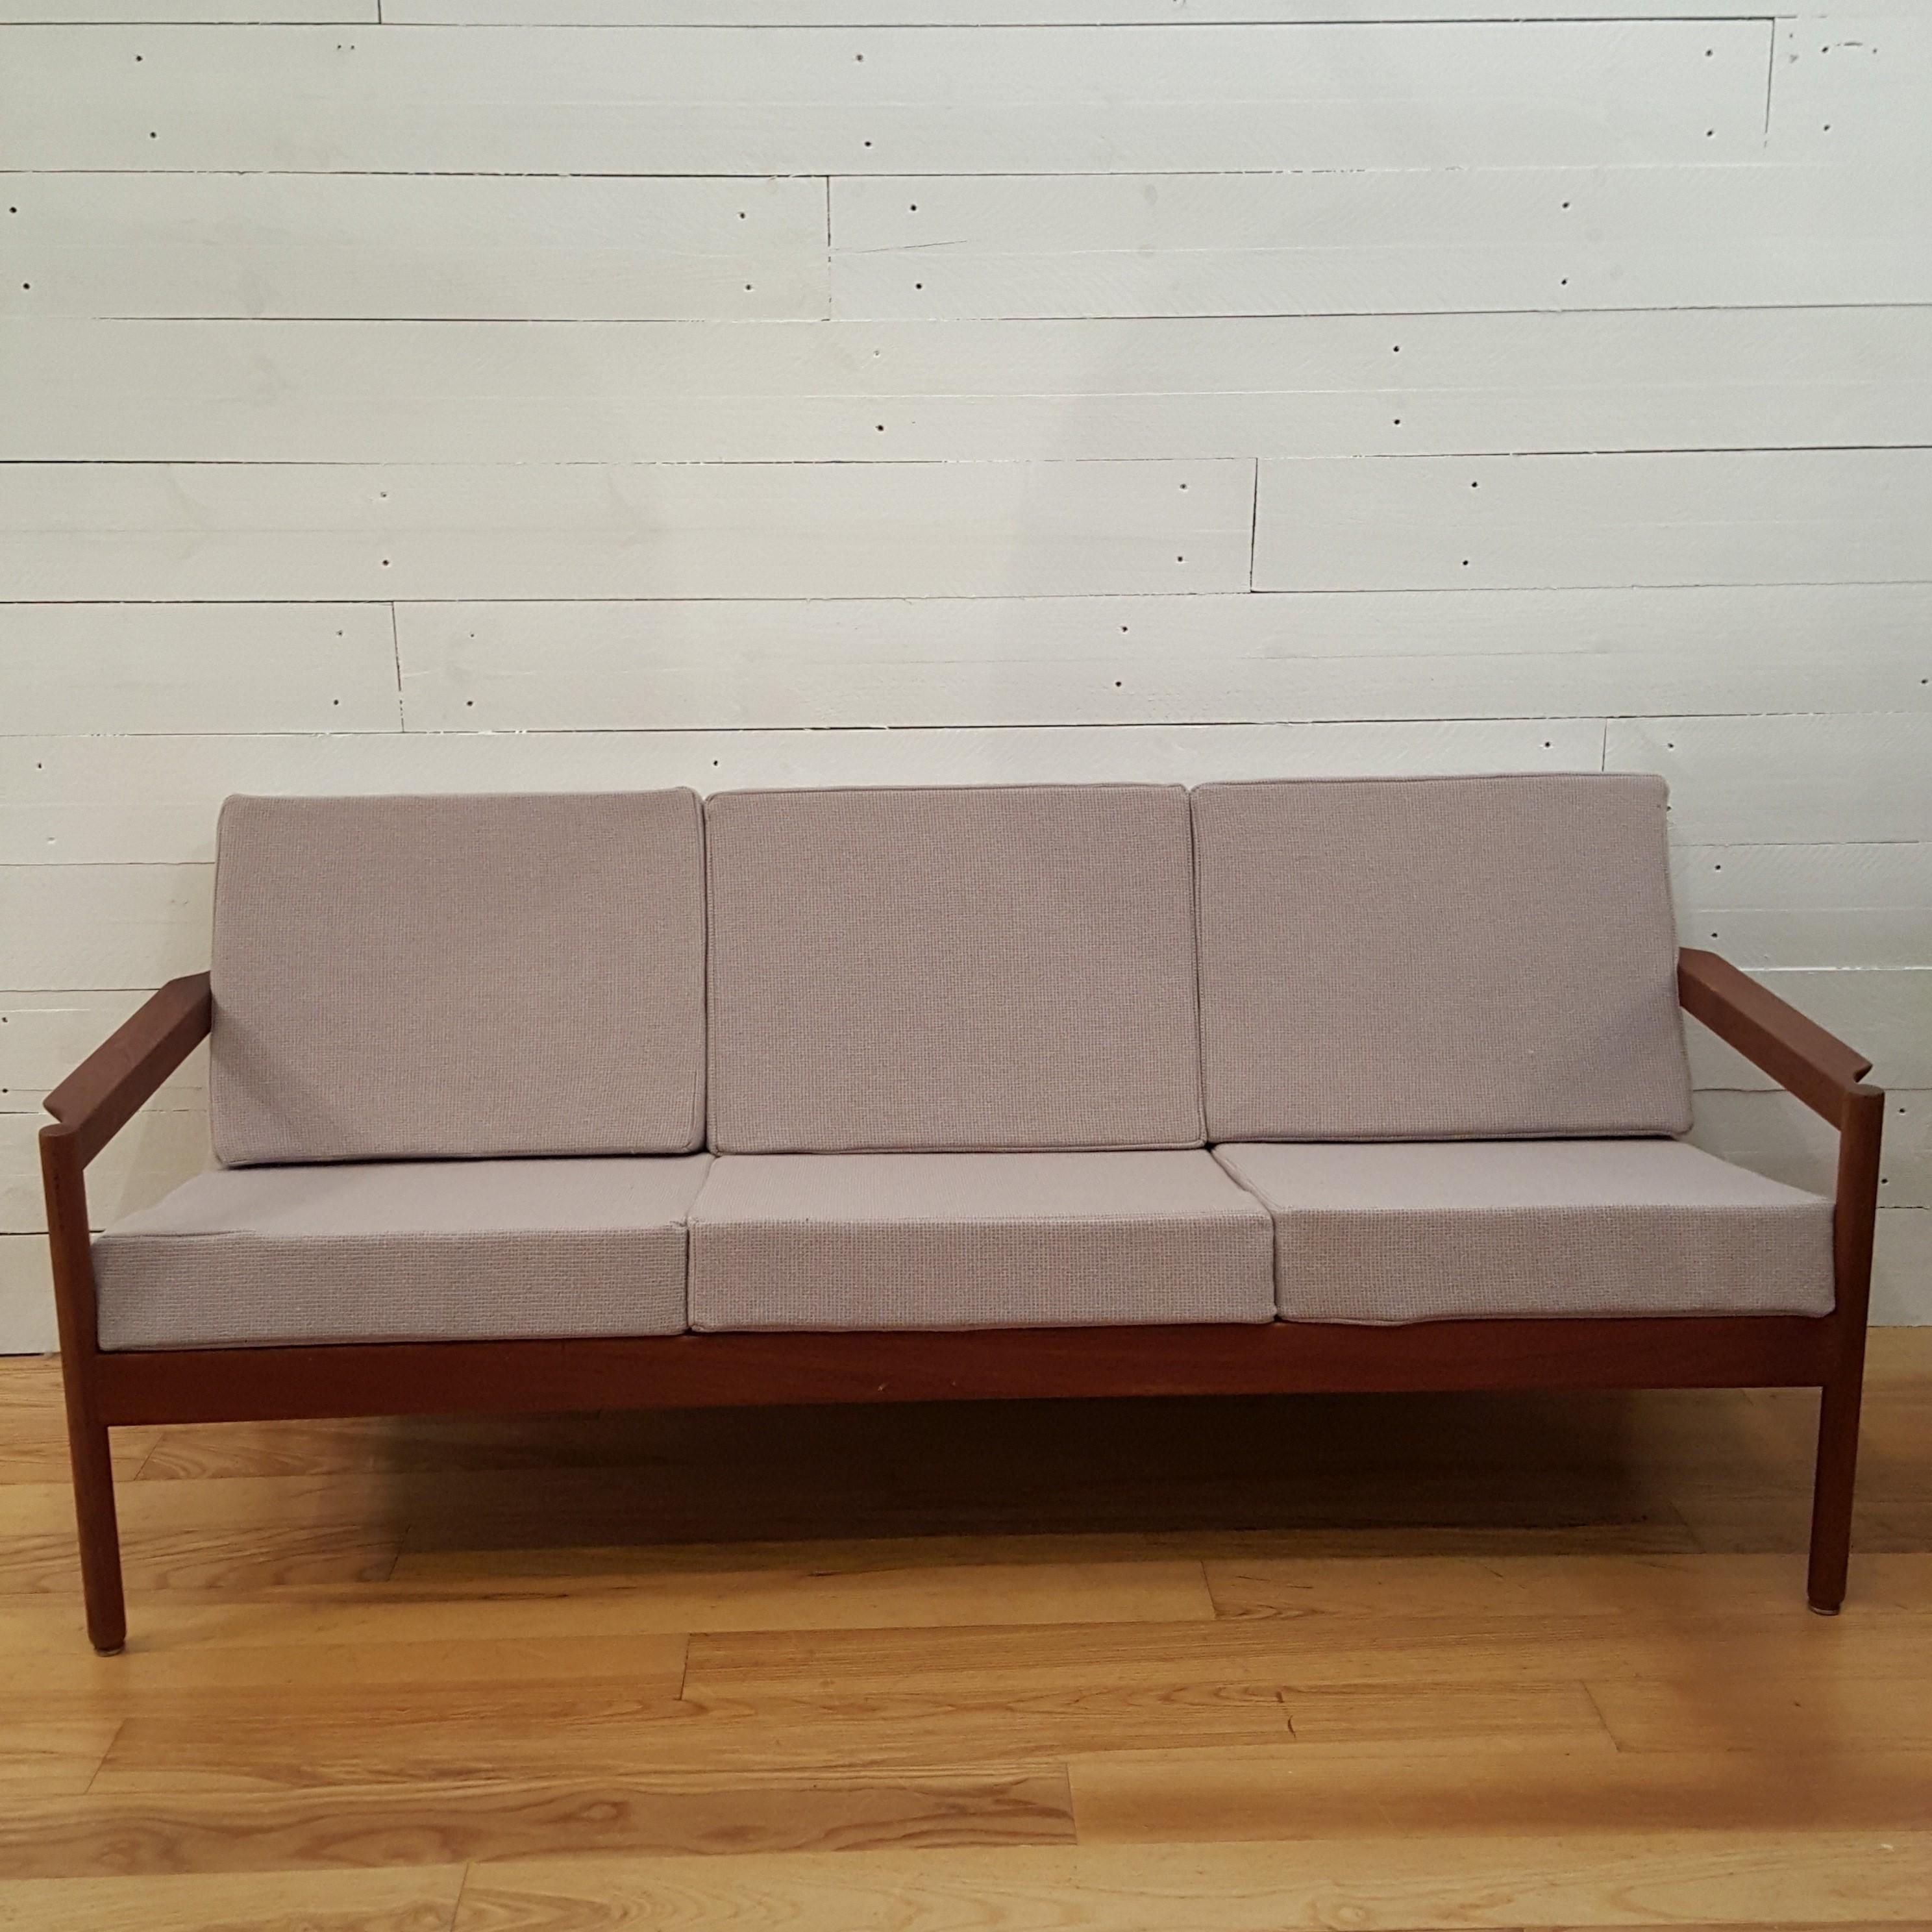 Danish sofa in teak and fabic Magnus OLESEN 1960s Design Market